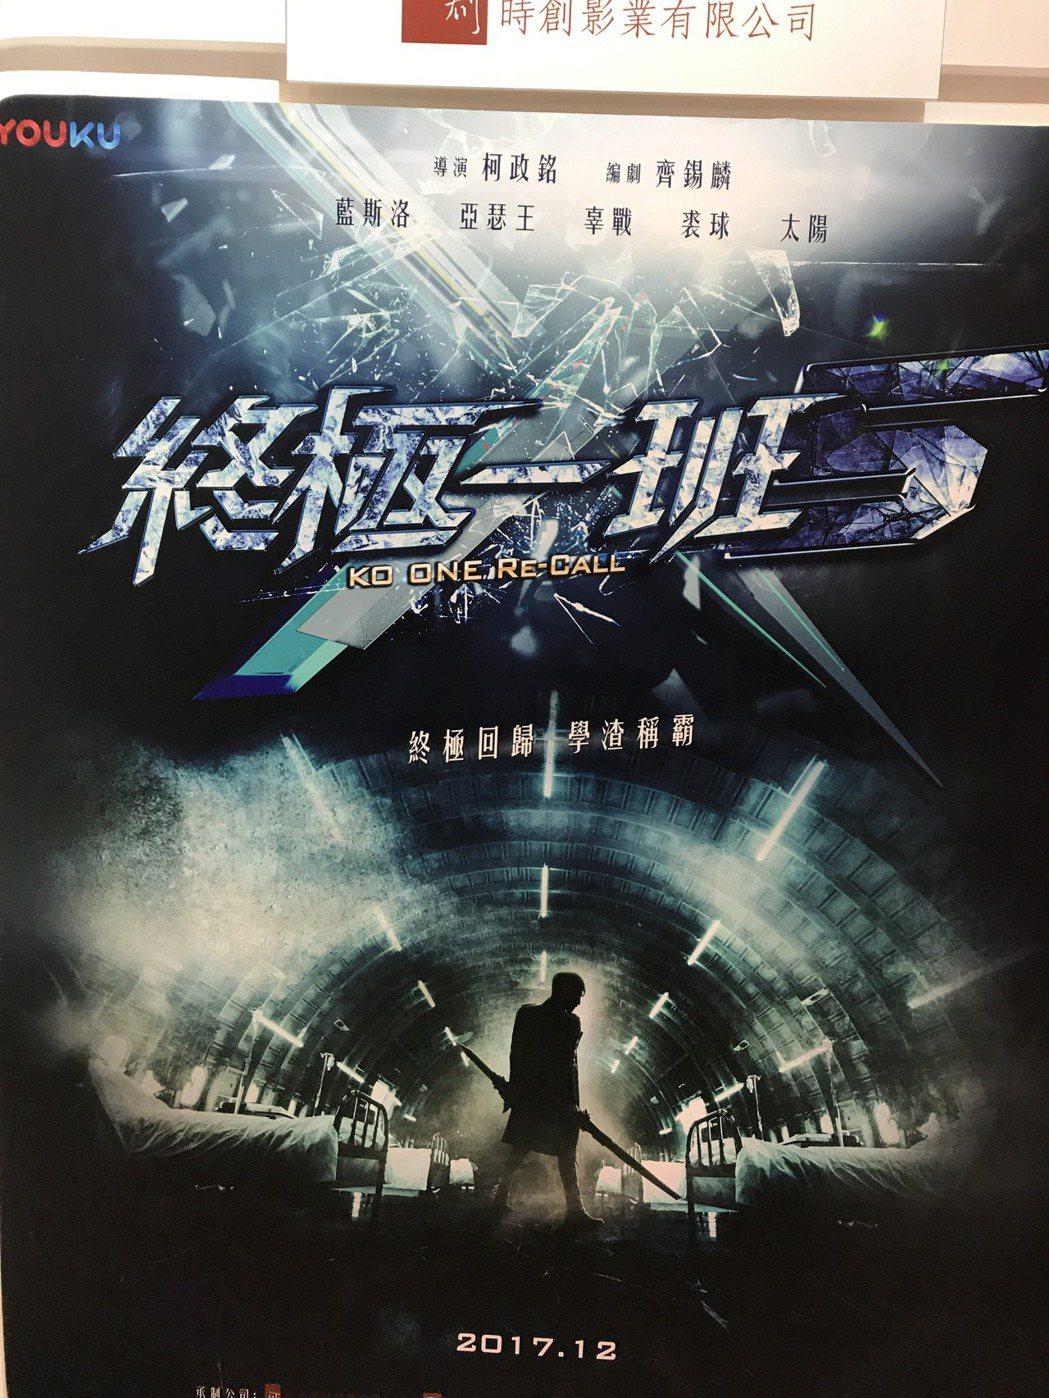 「終極一班5」在四川電視節亮相。記者楊起鳳/攝影